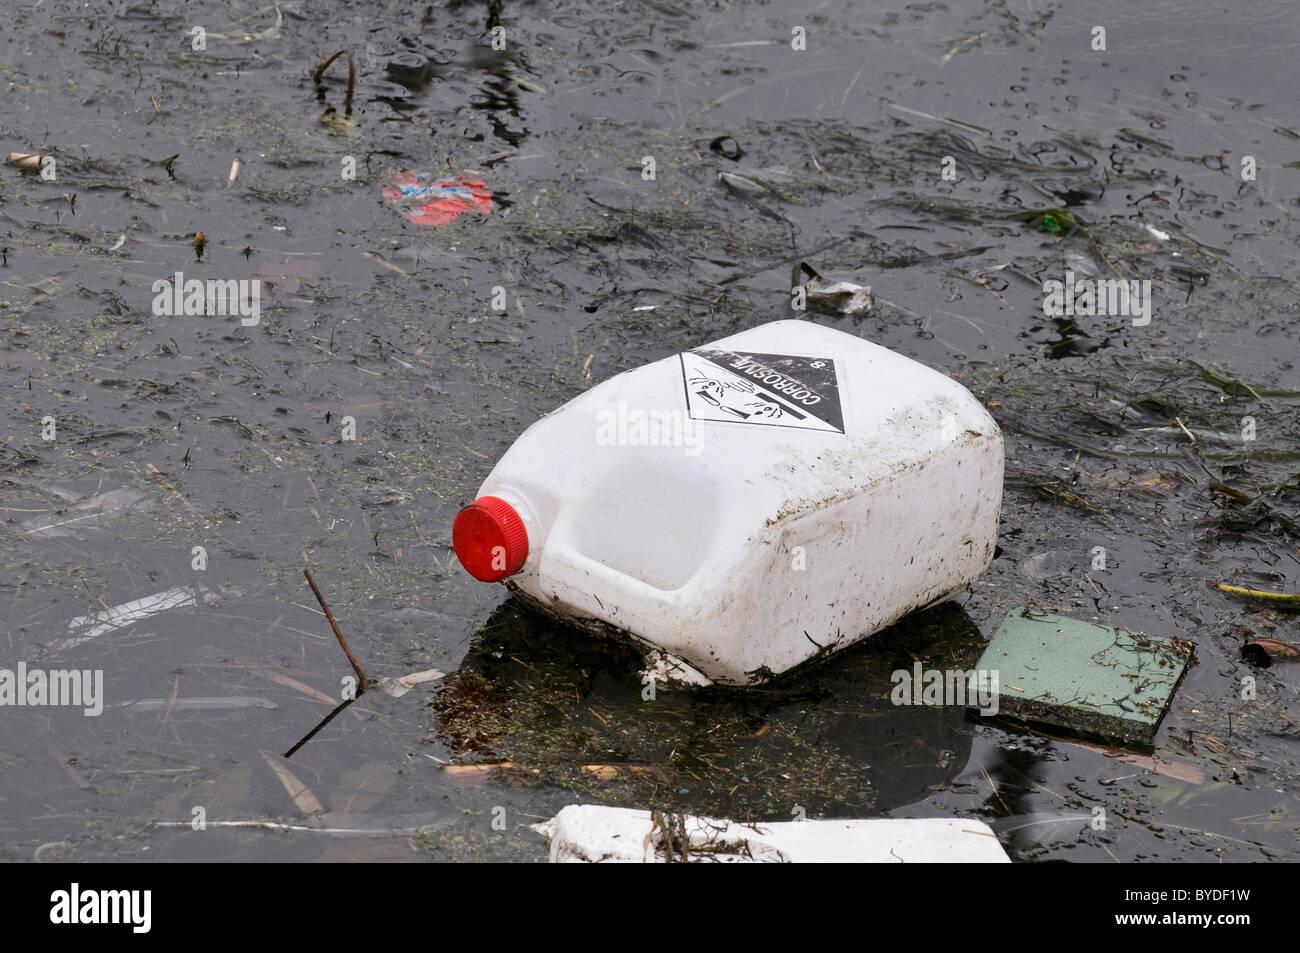 L'eau sale, vieille bouteille avec des substances corrosives flottant sur film sales Photo Stock